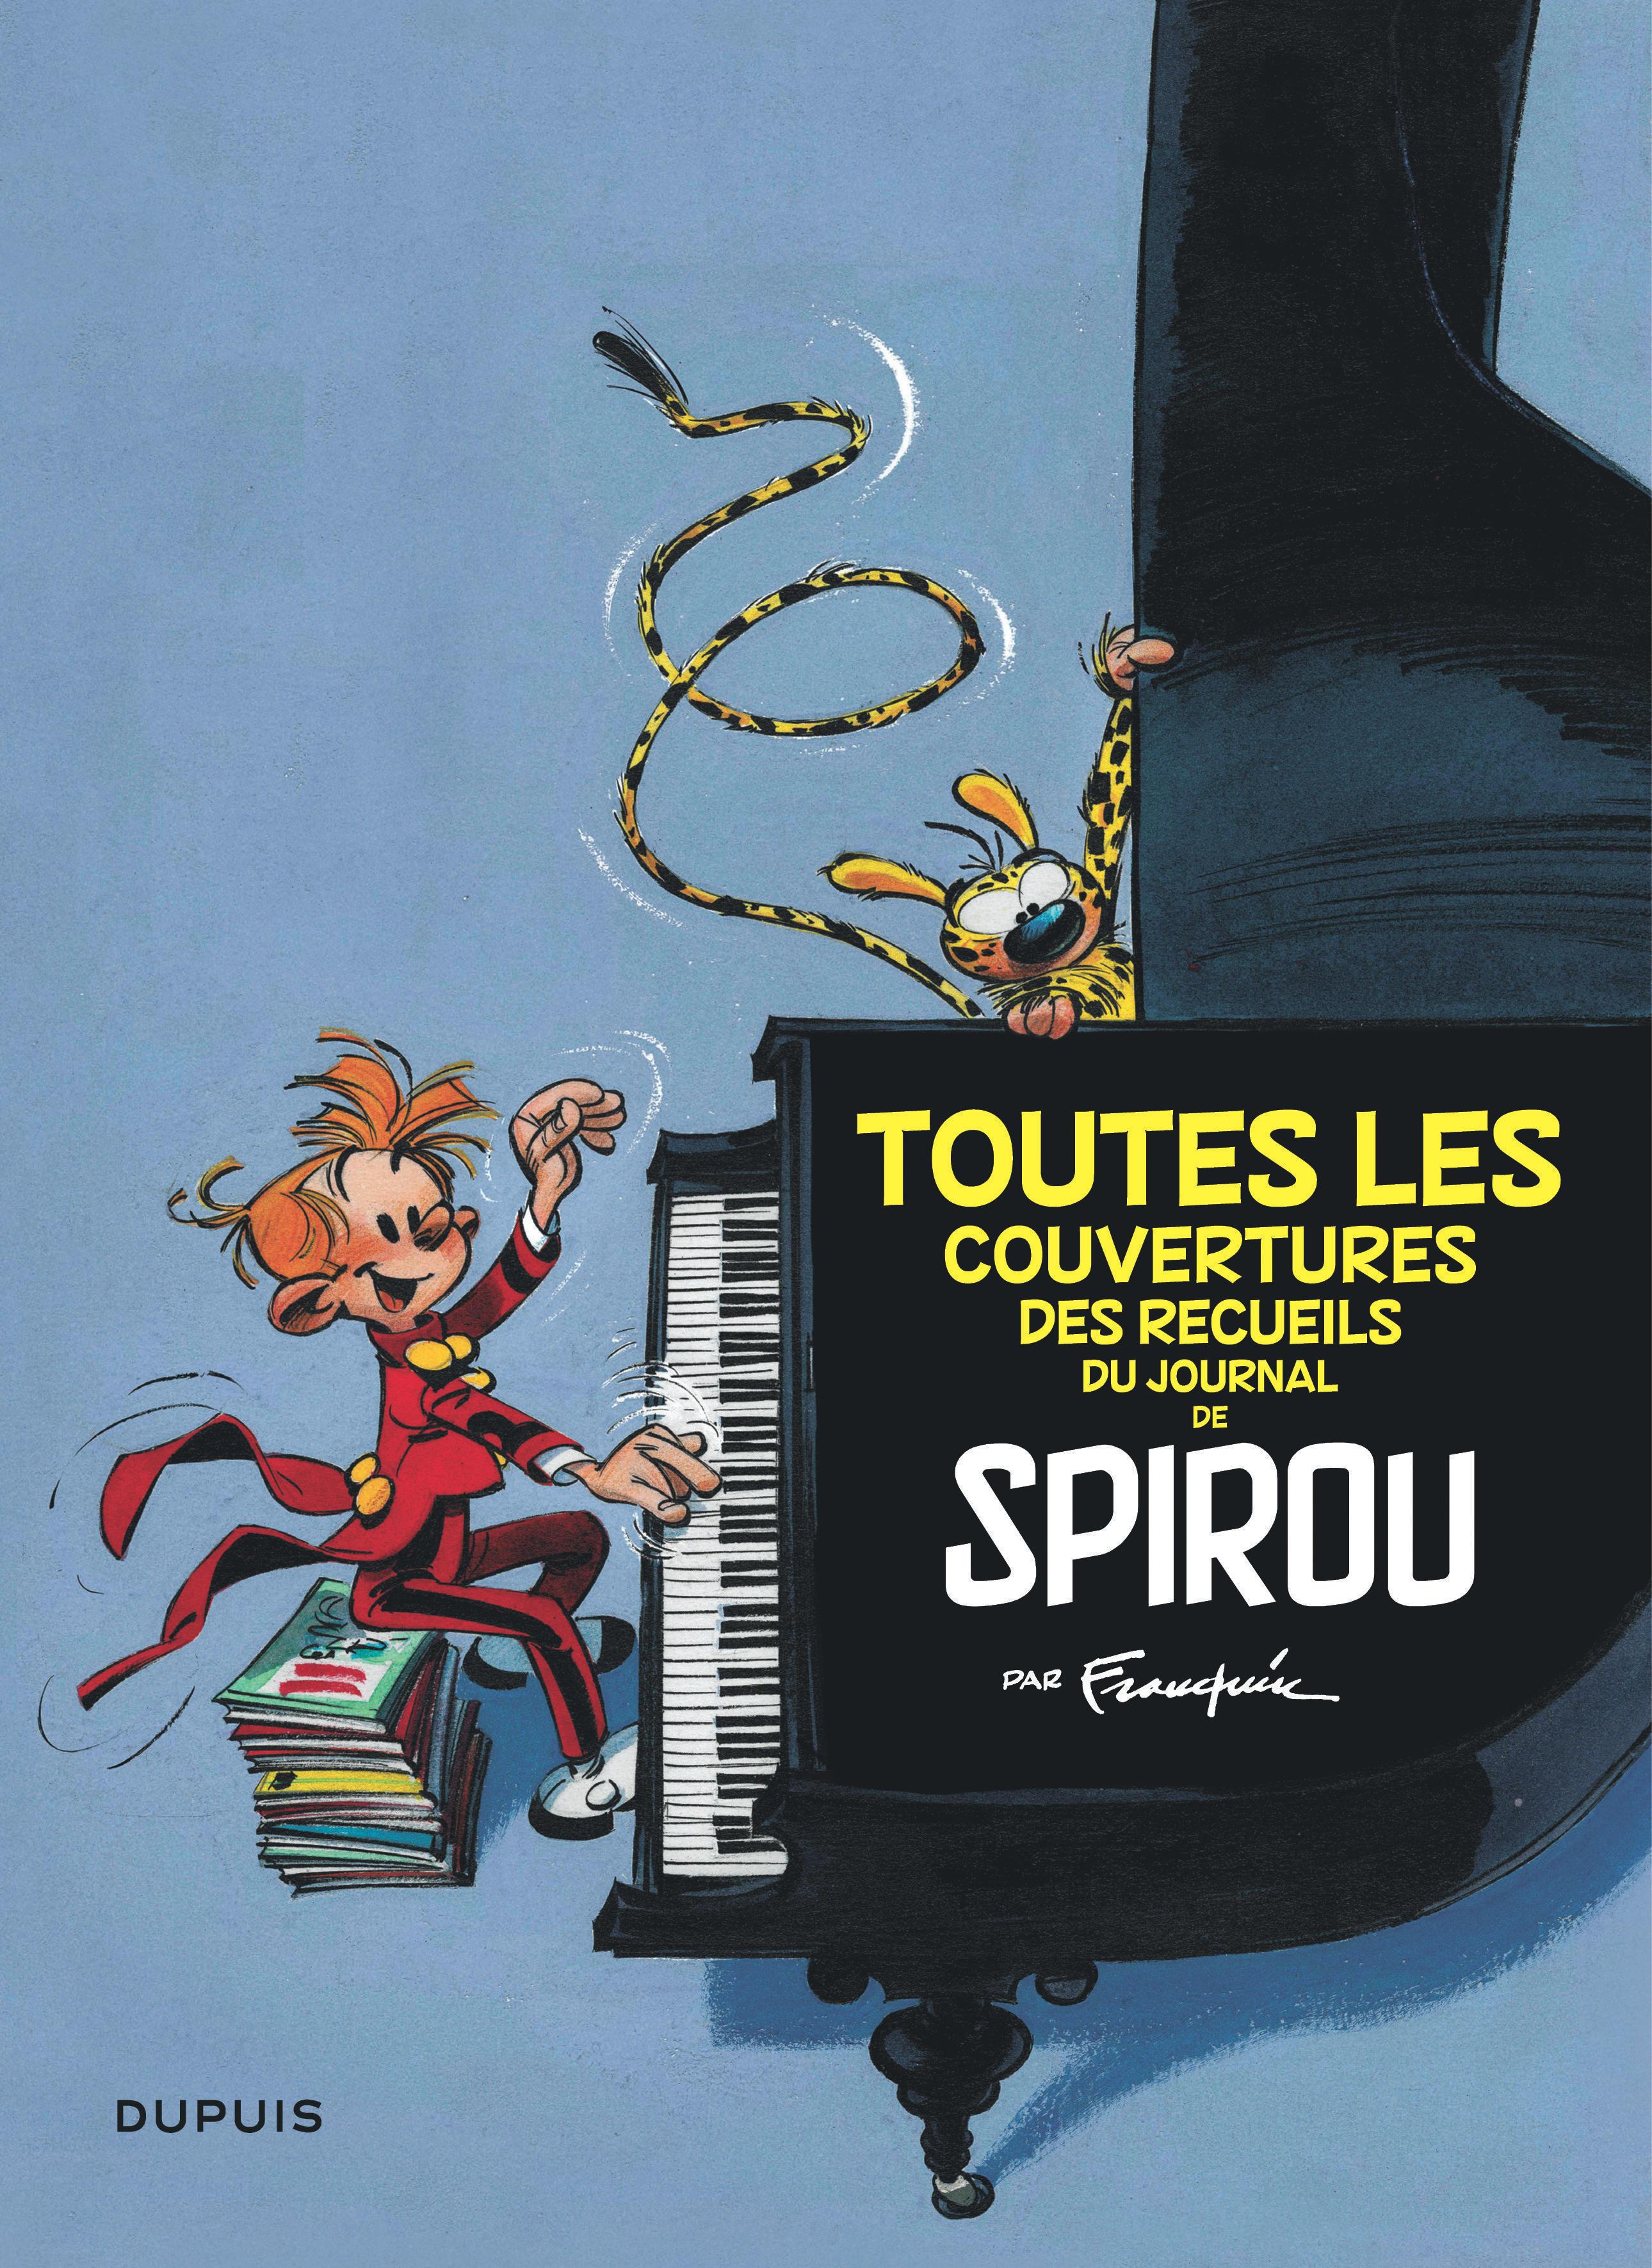 FRANQUIN PATRIMOINE T3 FRANQUIN PATRIMOINE - TOME 3 - COUVERTURES DES RECUEILS DU JOURNAL DE SPIROU